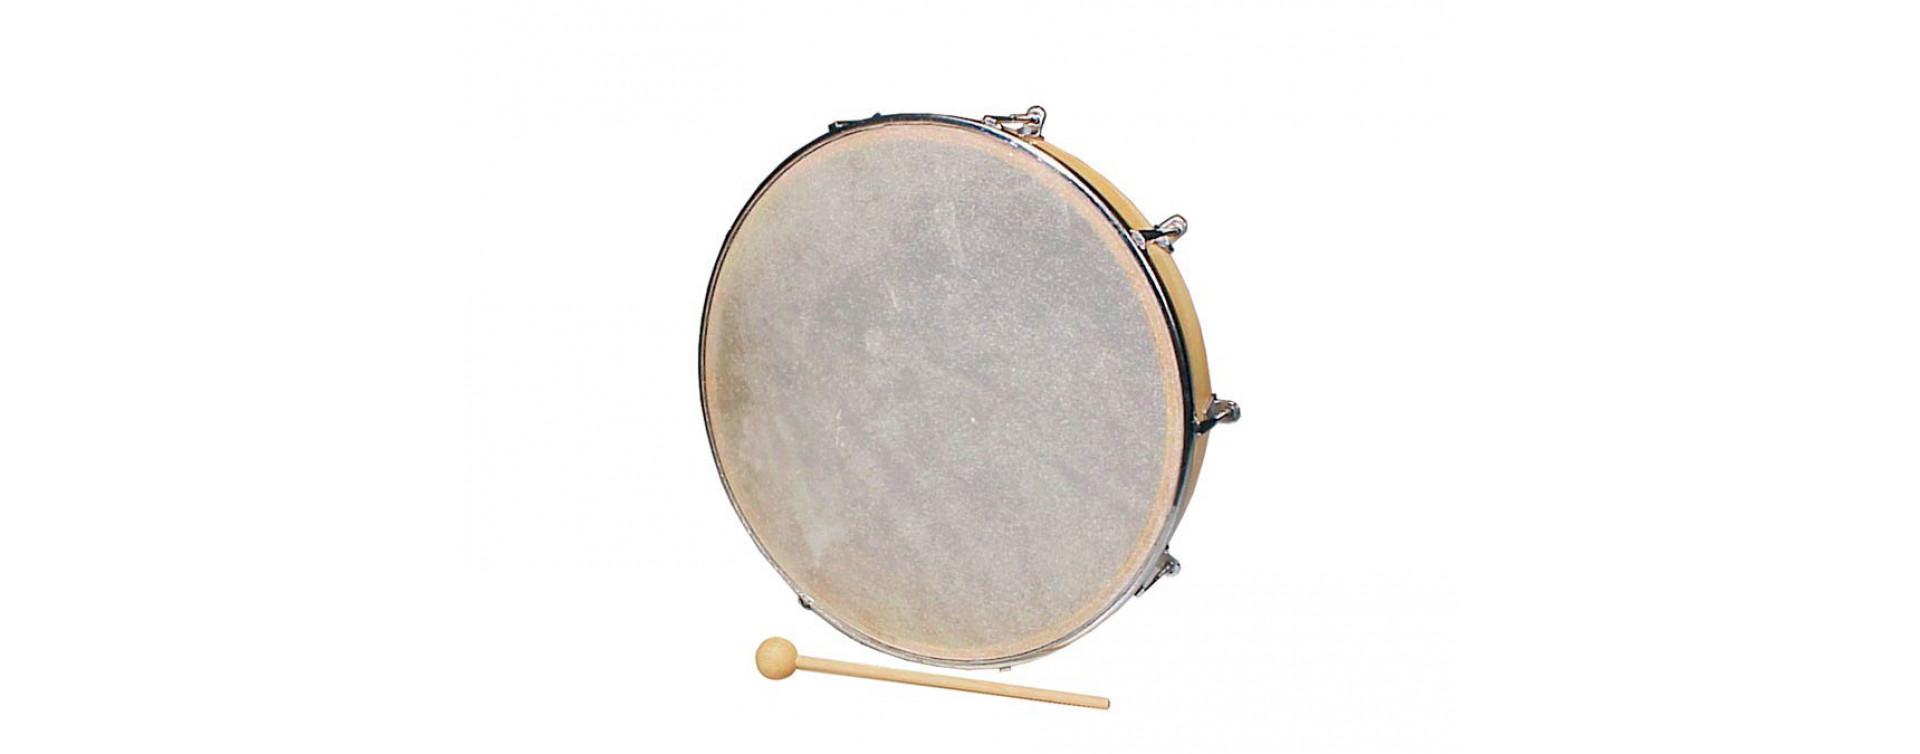 Ručné bubny